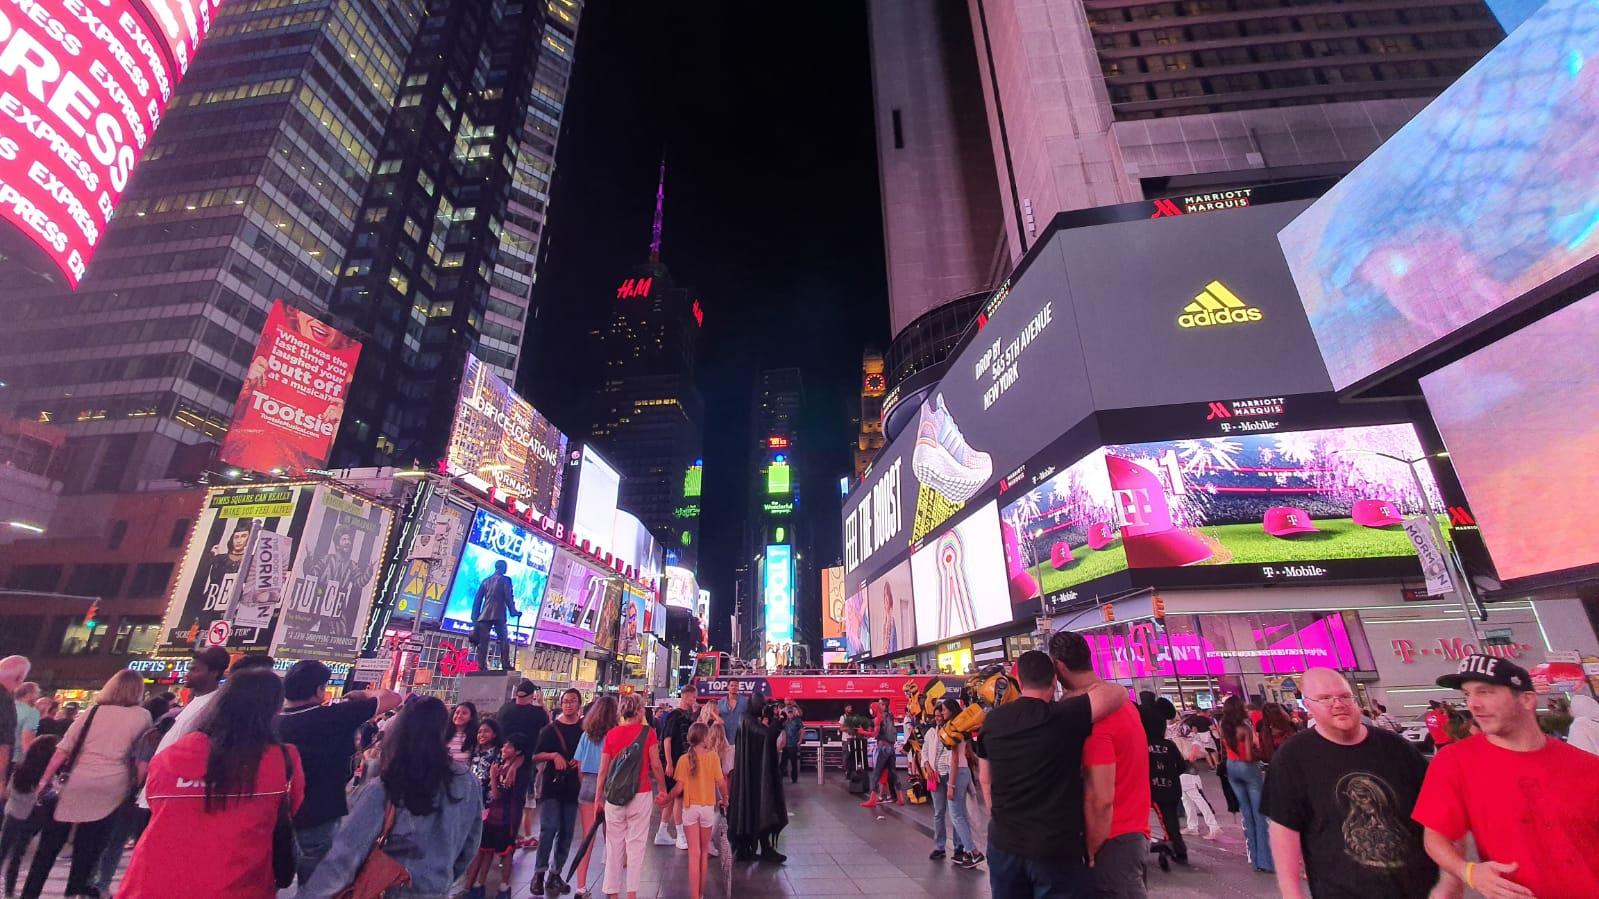 الصورة: هذه هي الطريقة التي تلتقط بها سامسونج الجديدة الصور Galaxy Note10 +! + الصور الليلية والفيديو 19